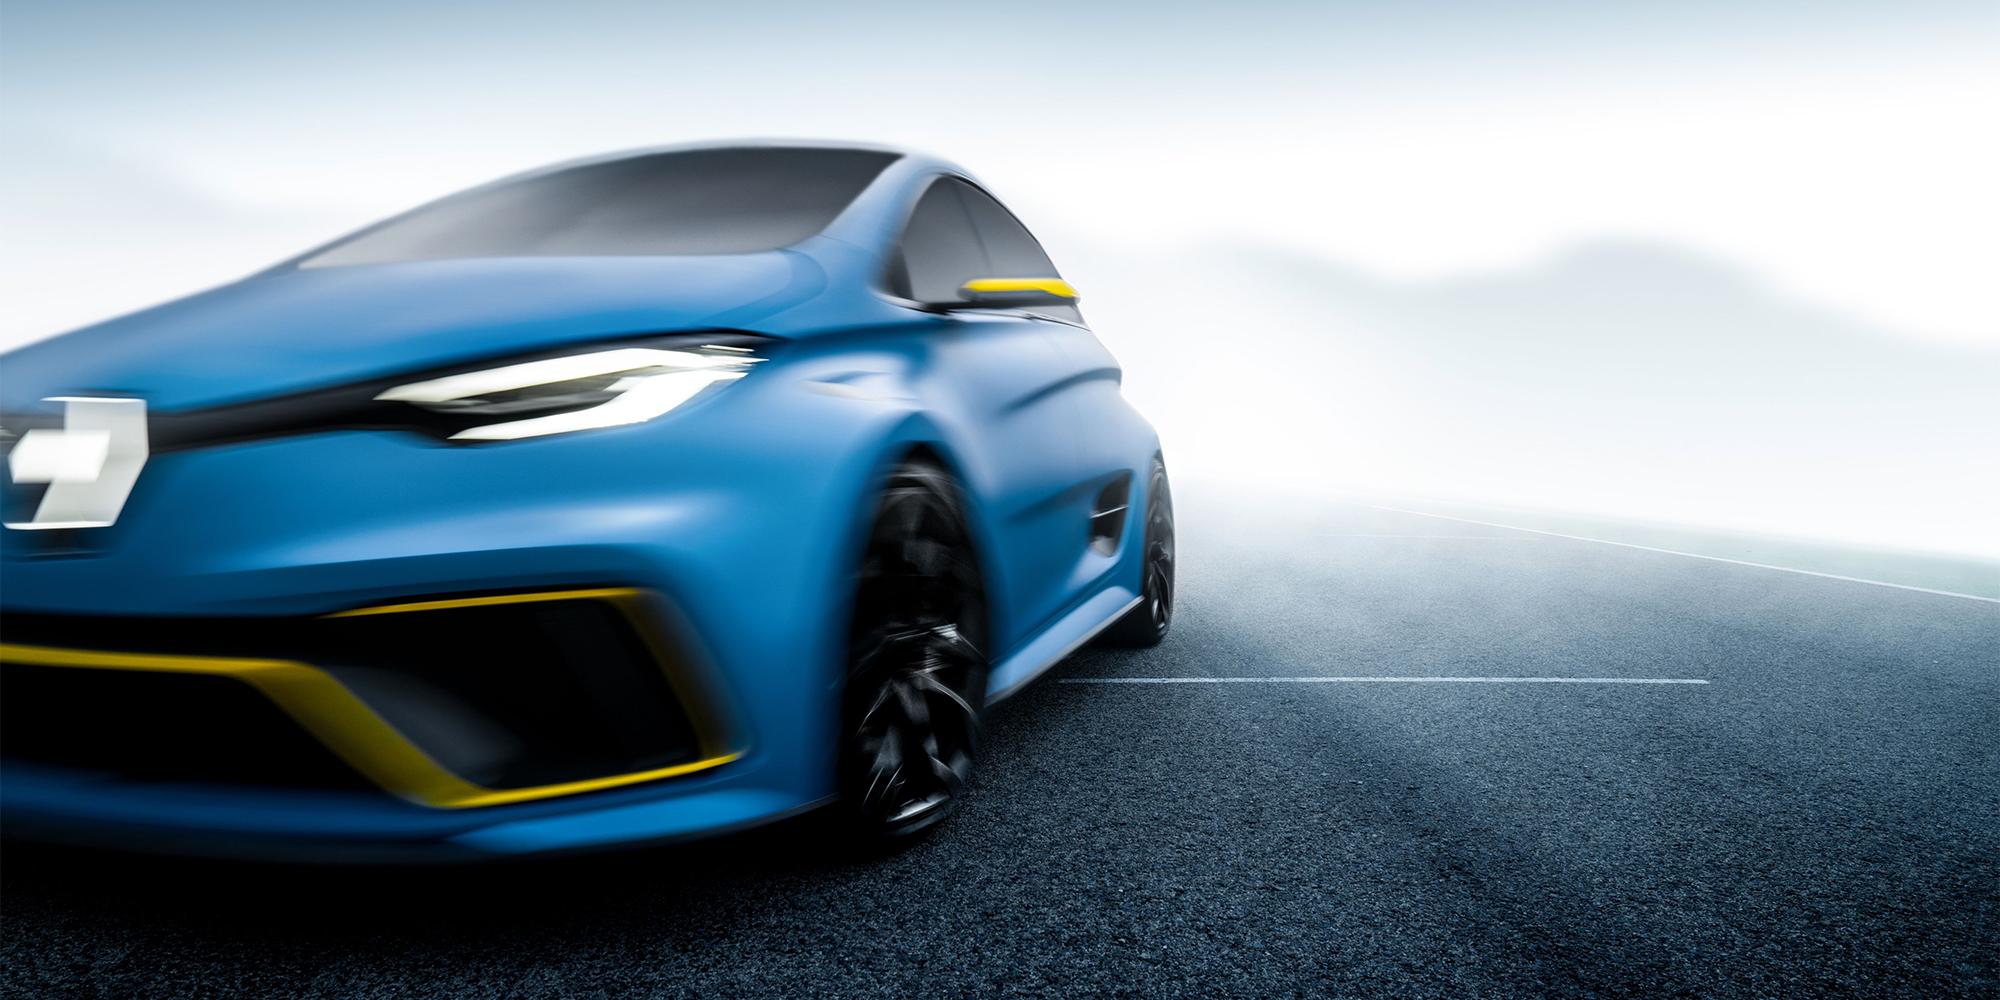 ZOE e-Sport Concept: Wilde Drifts auf der Rennstrecke